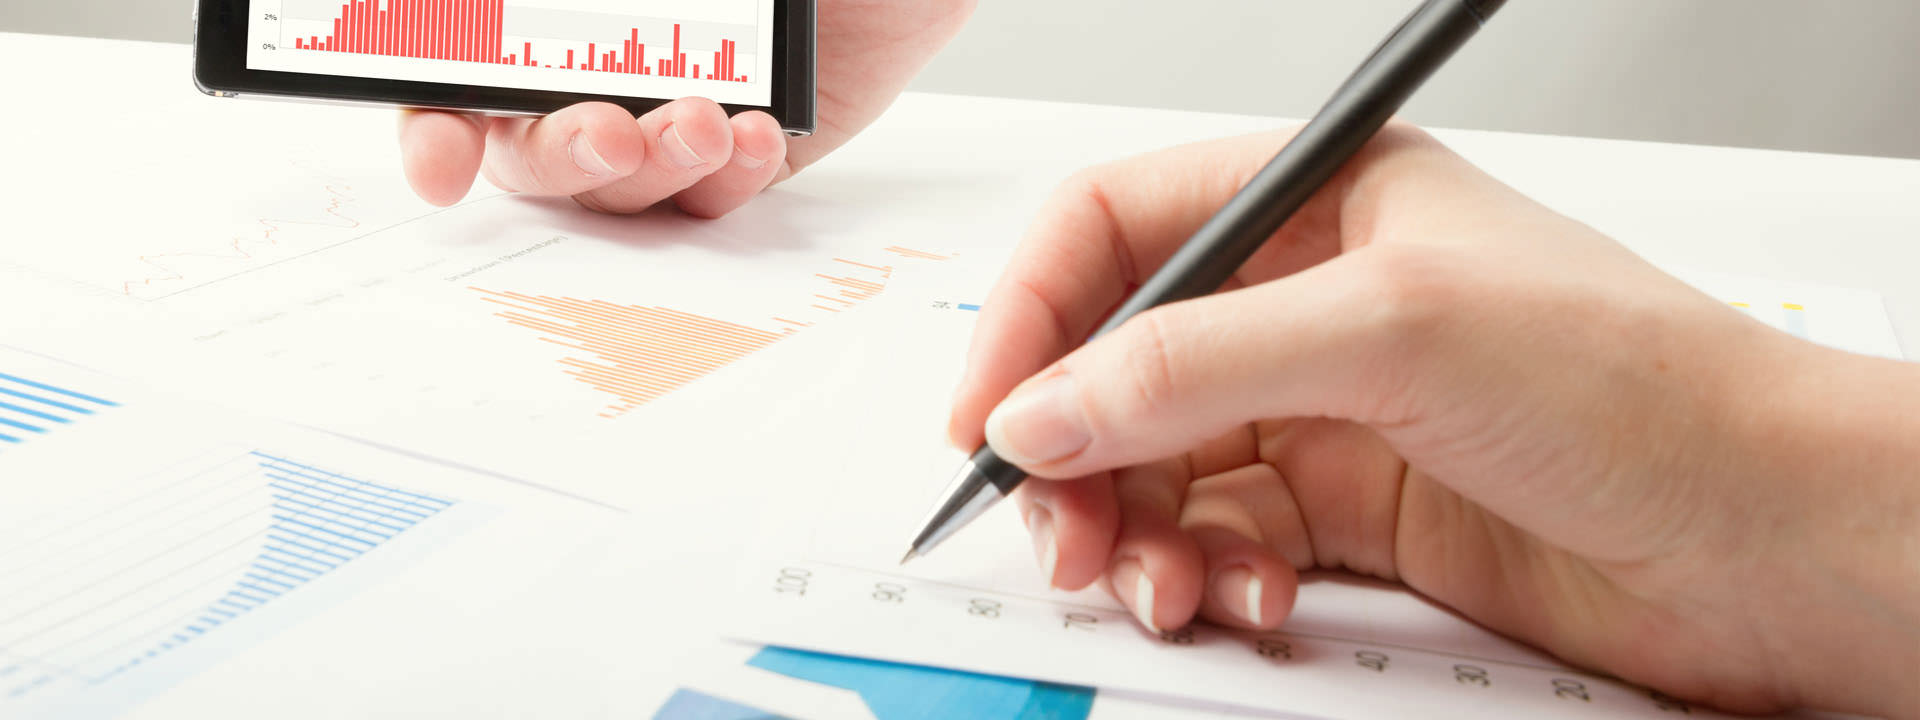 AIXIDEE bietet Suchmaschinenoptimierung, Social Media Marketing, Online Marketing. Bitte kontaktieren Sie uns.